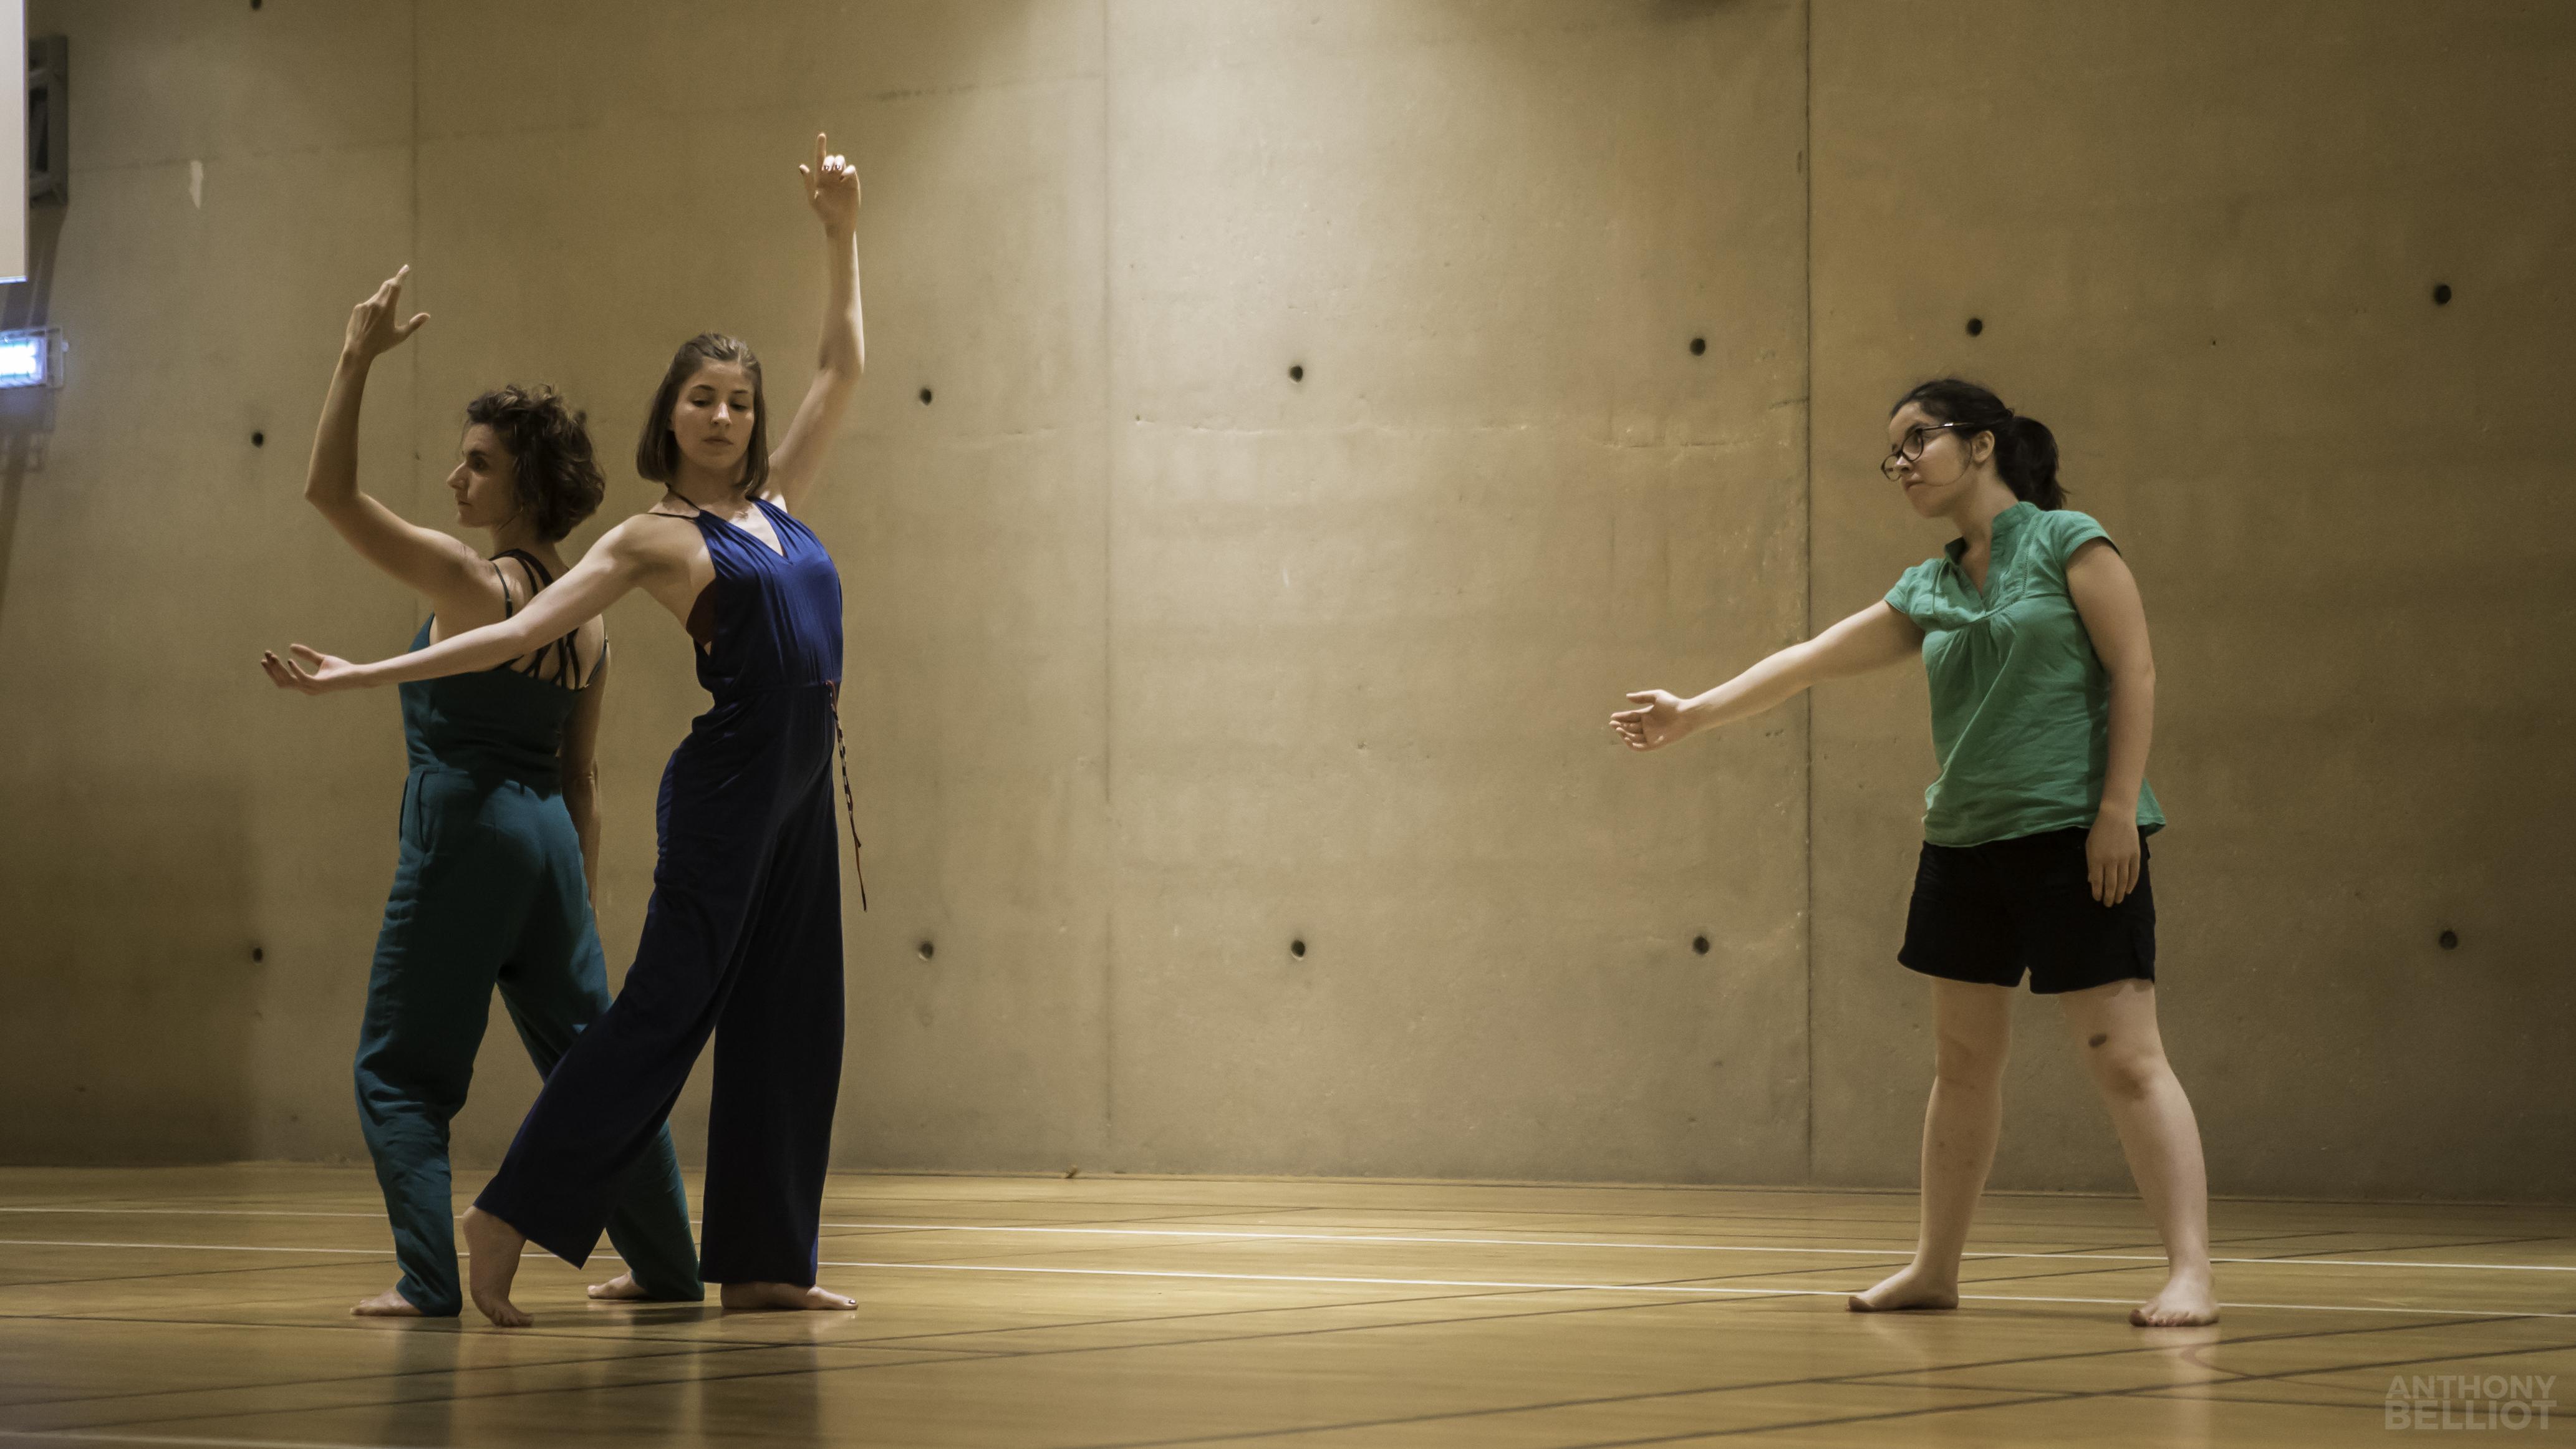 Danse d'improvisation